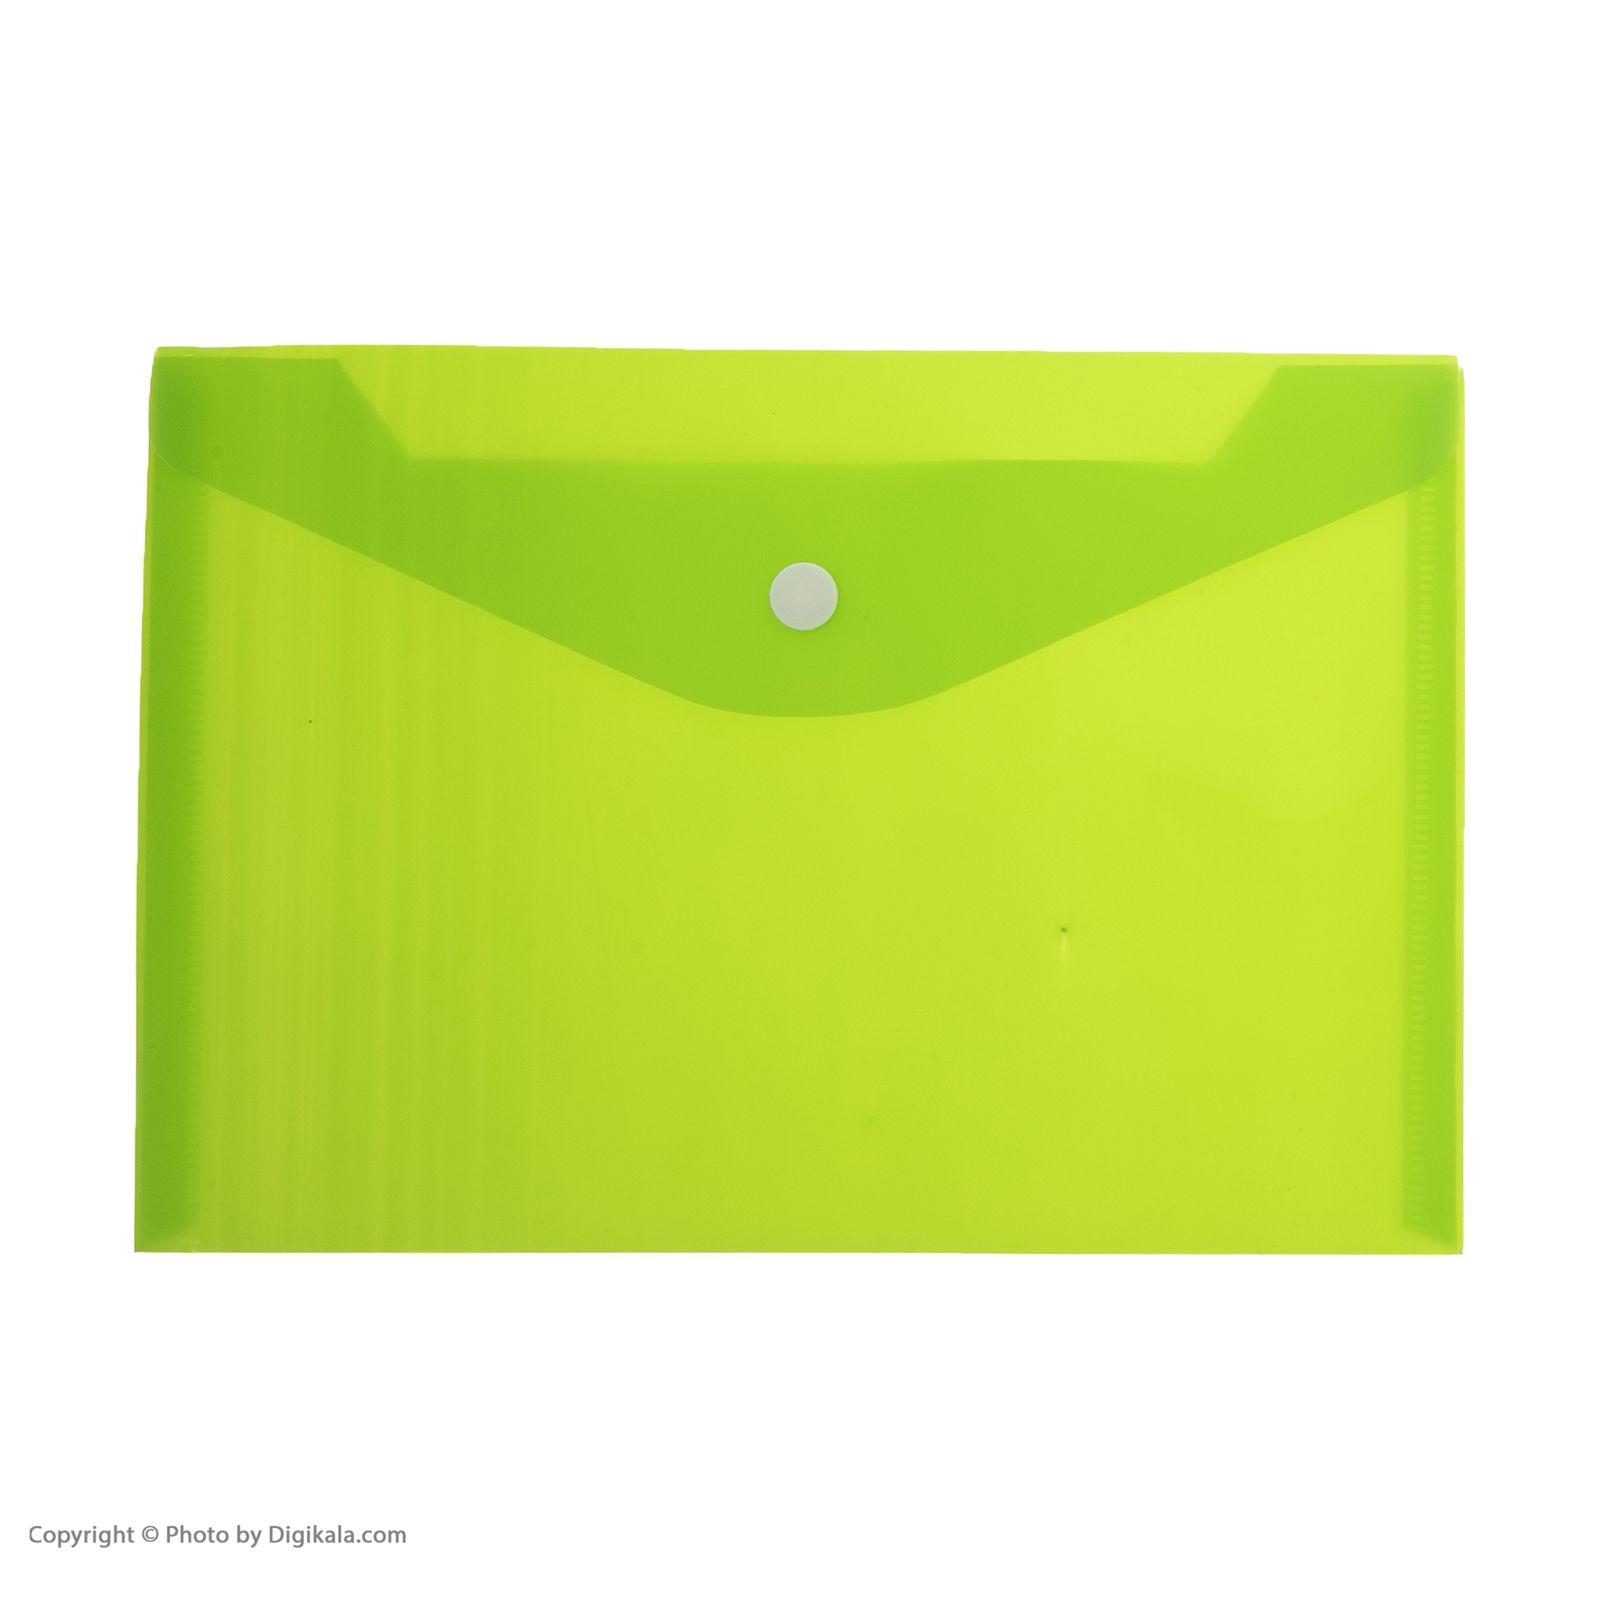 پوشه دکمه دار فوسکا سایز A5 بسته 10 عددی main 1 8